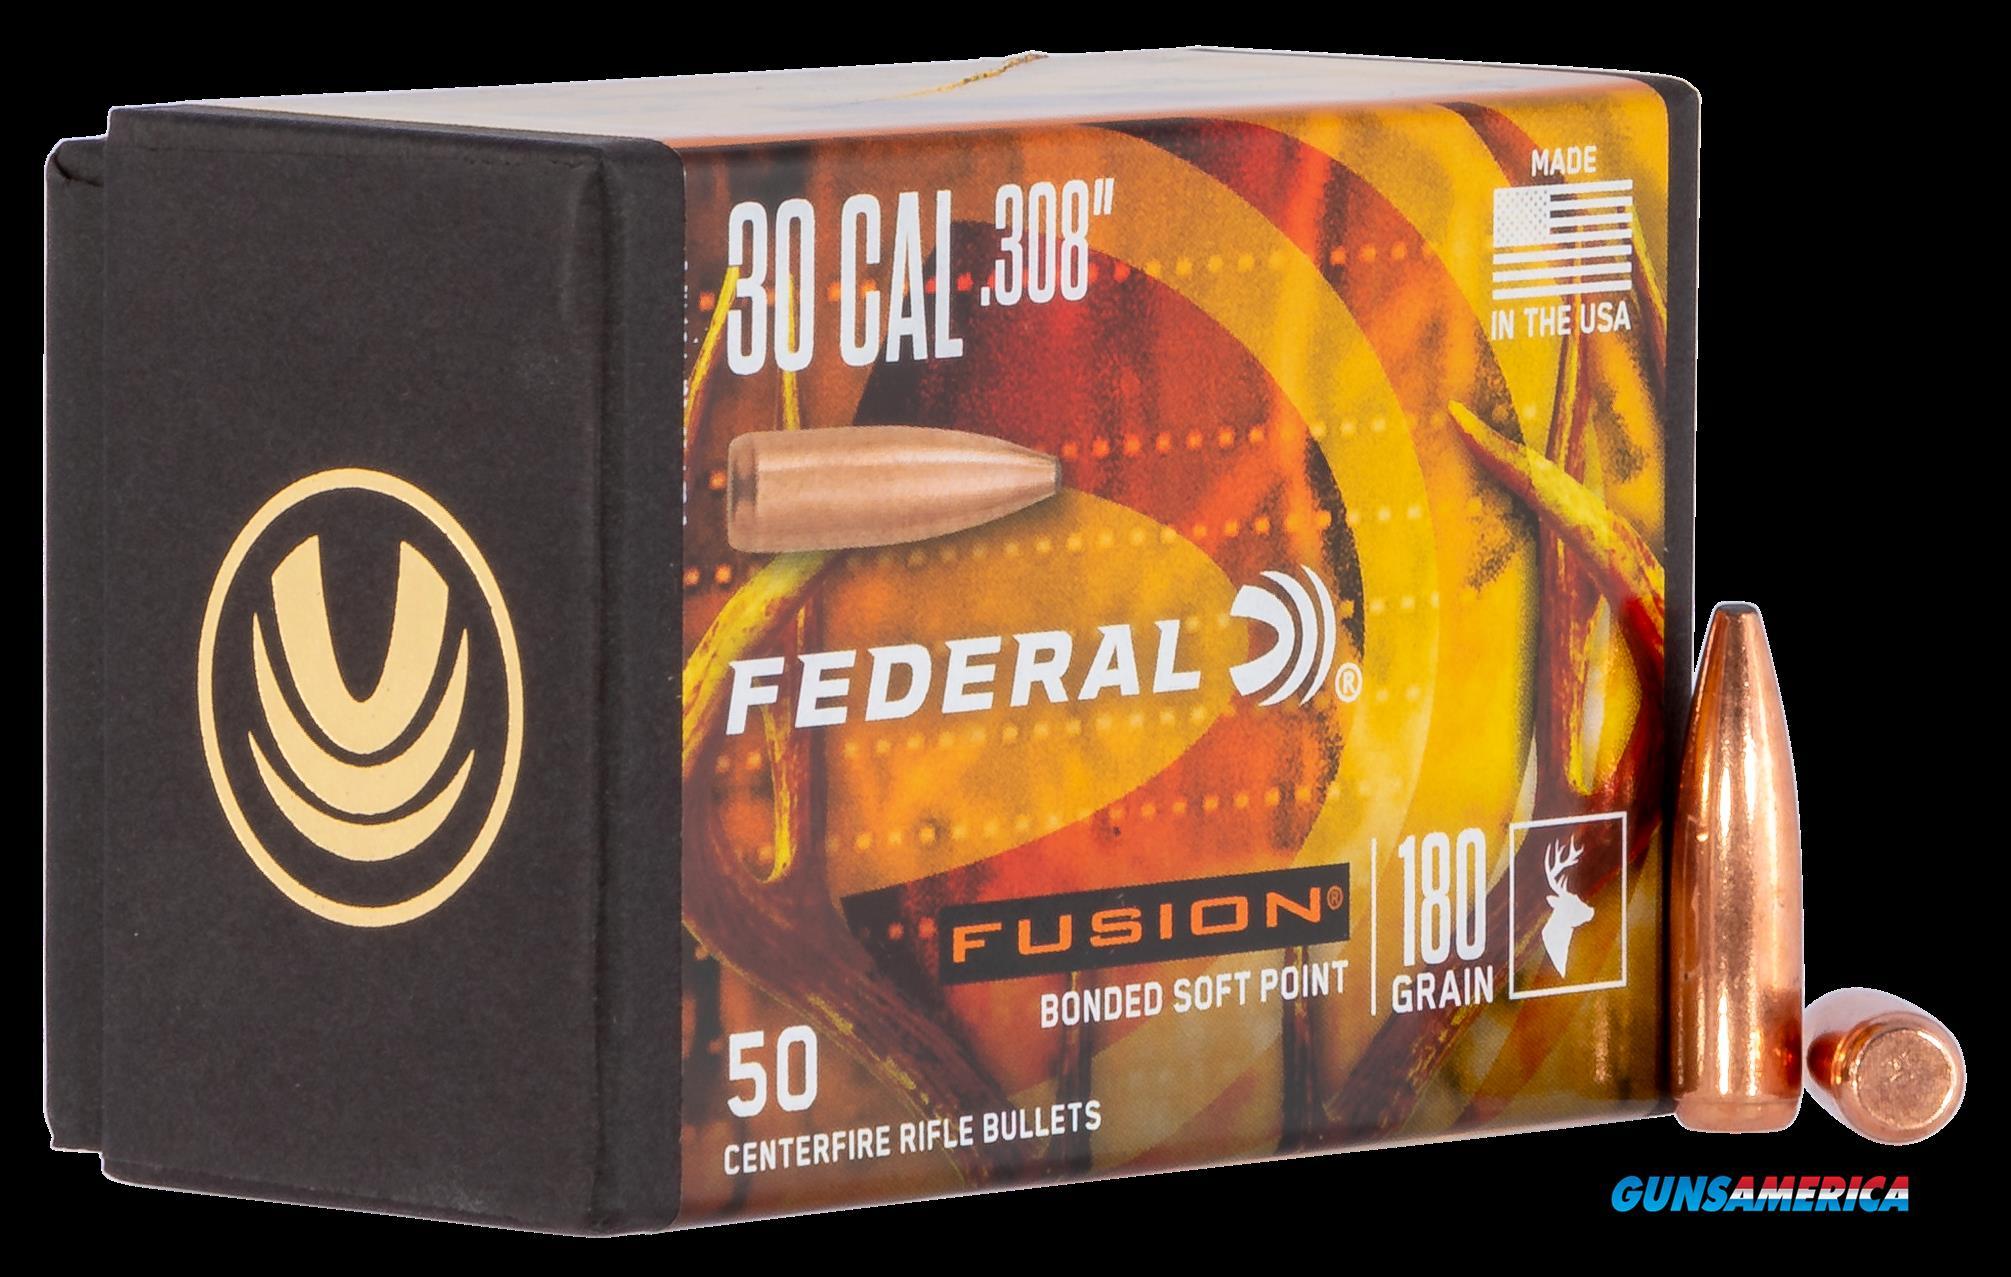 Federal Fusion Component, Fed Fb308f4     Bull .308 180fus        50-4  Guns > Pistols > 1911 Pistol Copies (non-Colt)